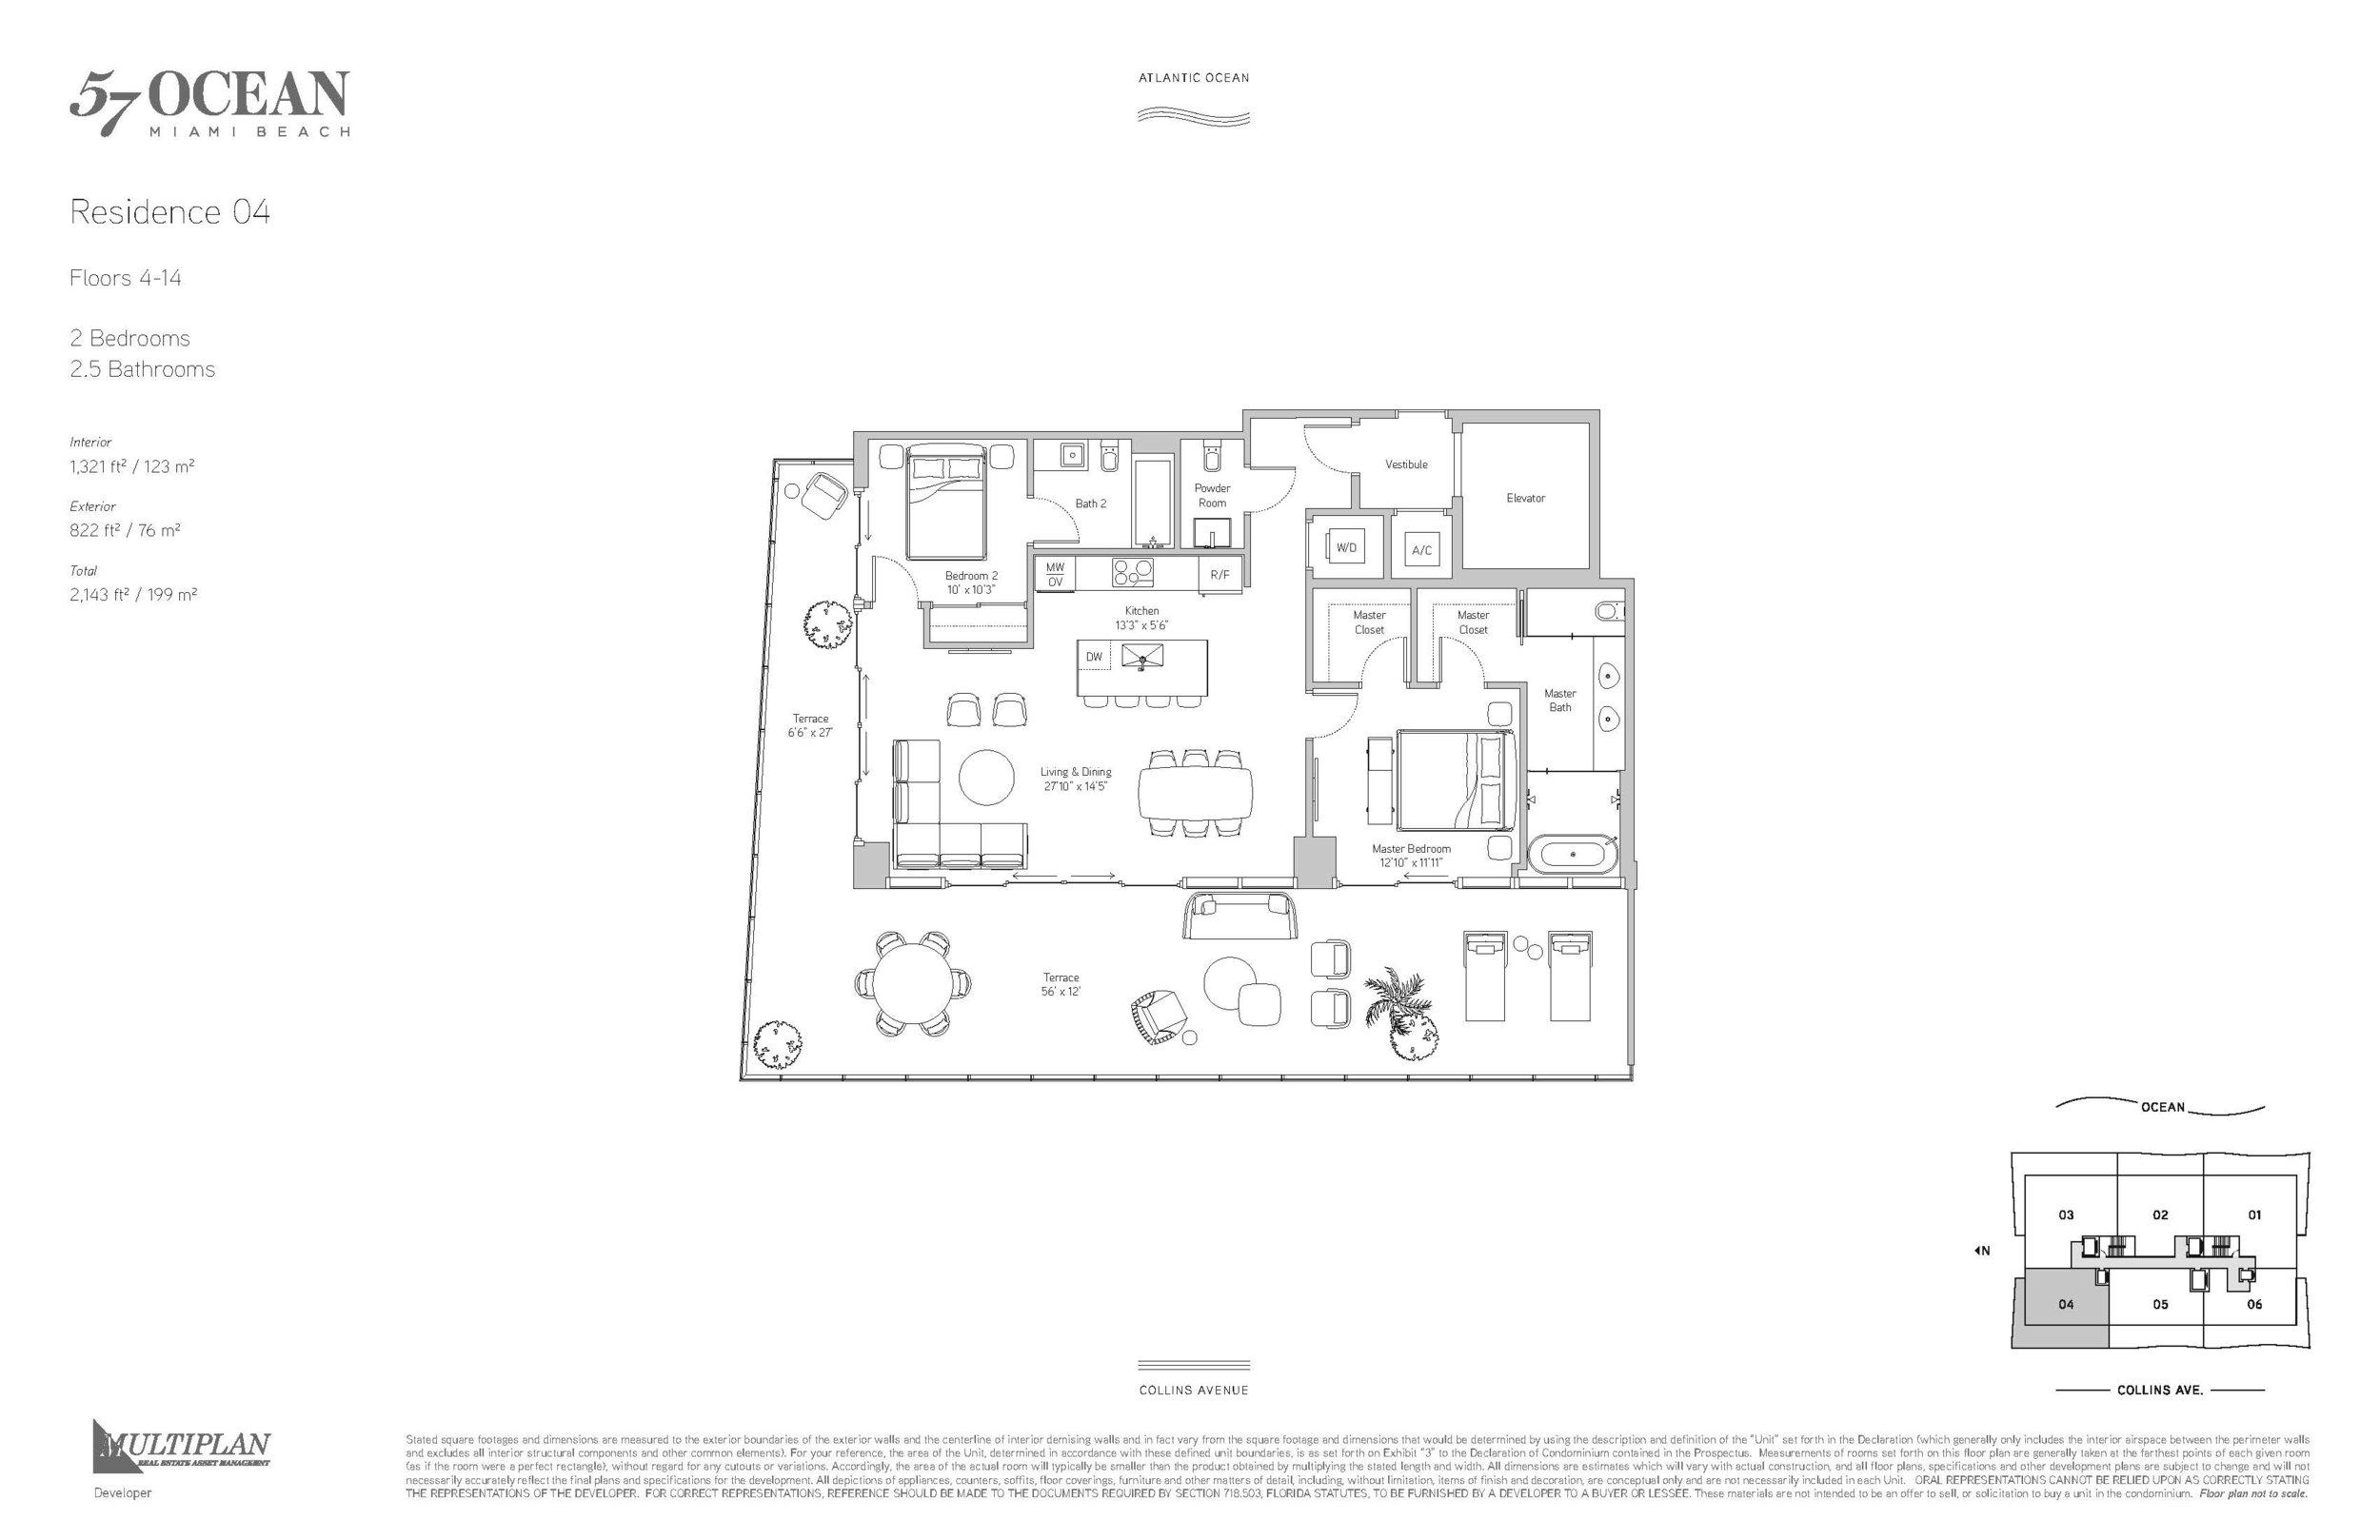 57 Ocean Floor Plans - 2 Bedrooms 04-Line